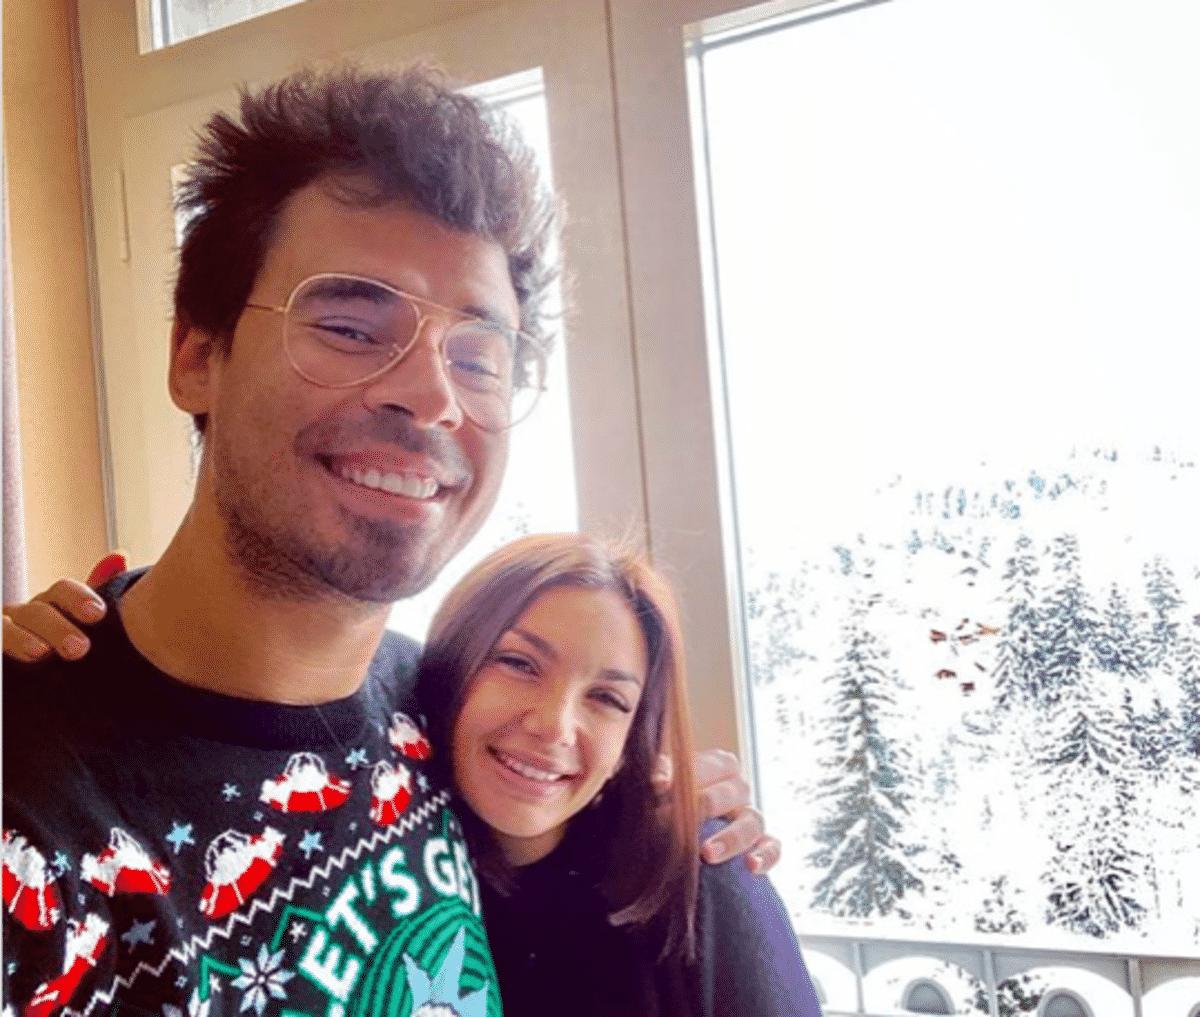 Elettra lamborghini e Afrojack, incidente sulla neve: per fortuna c'era il marito a proteggerla